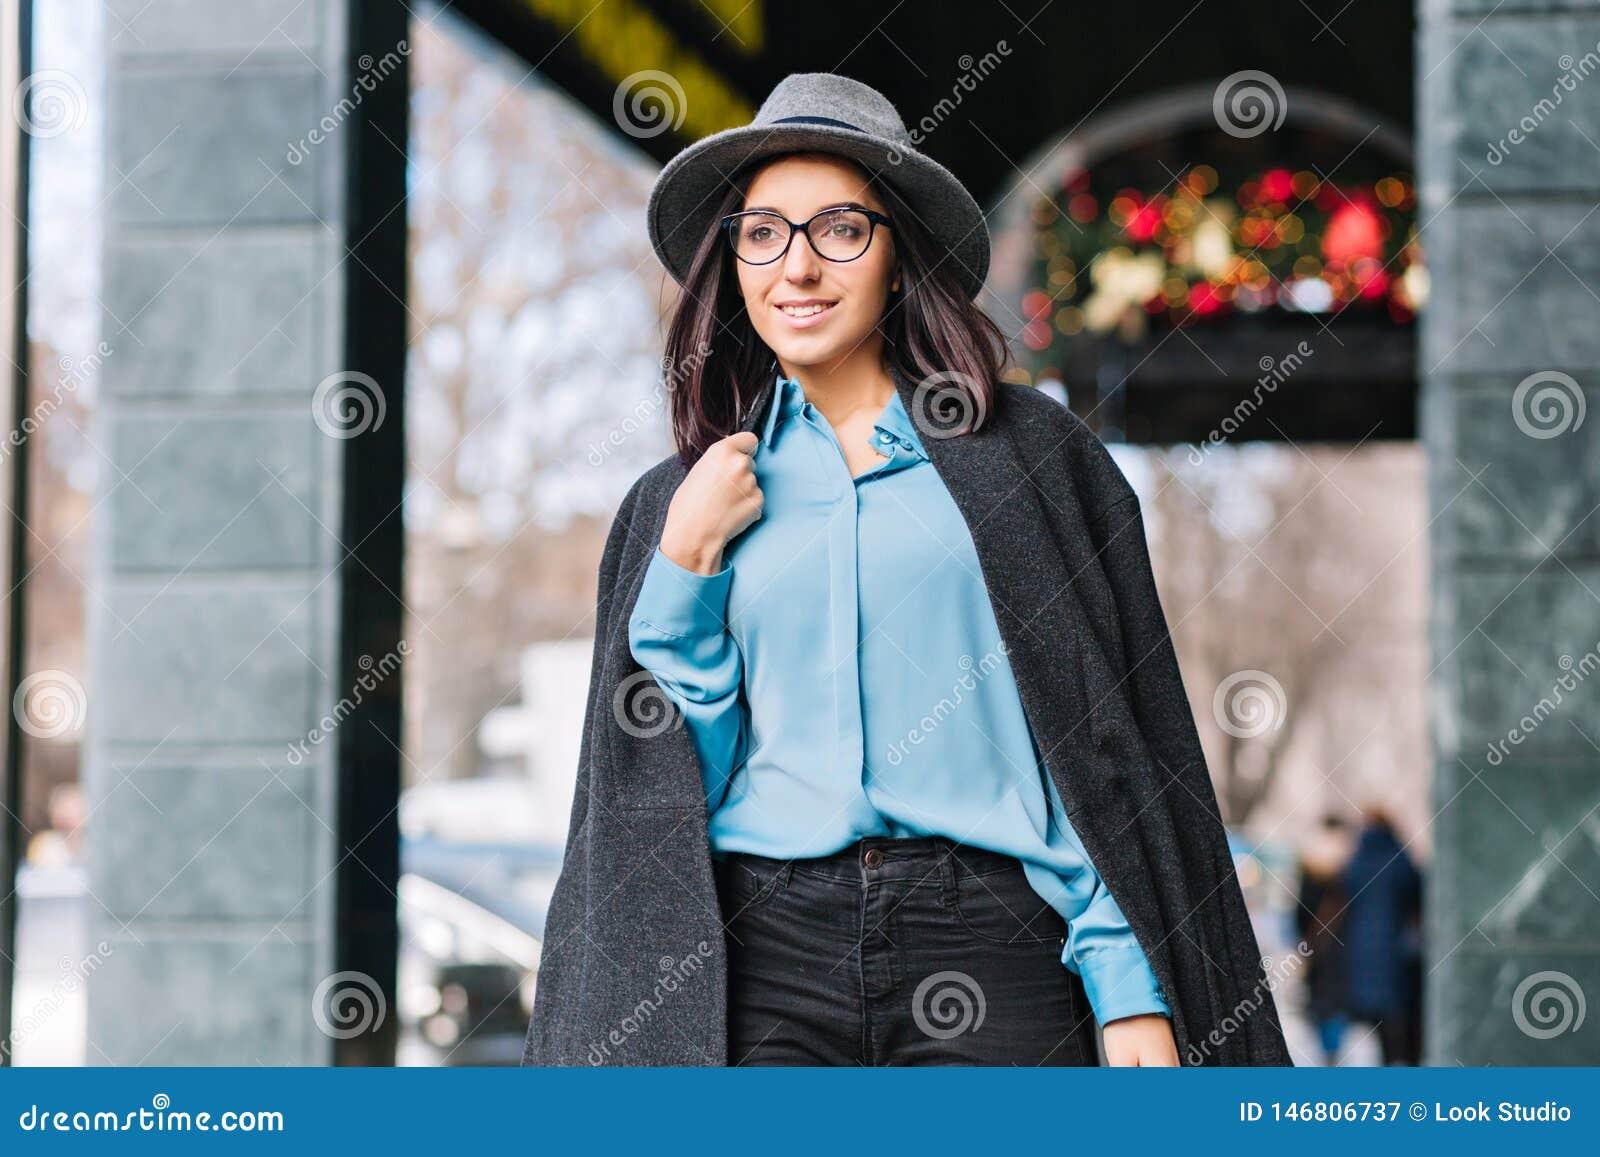 Μοντέρνη νέα γυναίκα πορτρέτου πόλεων πολυτέλειας μοντέρνη που περπατά στην οδό στην πόλη στο χρόνο Χριστουγέννων Γκρίζο καπέλο,